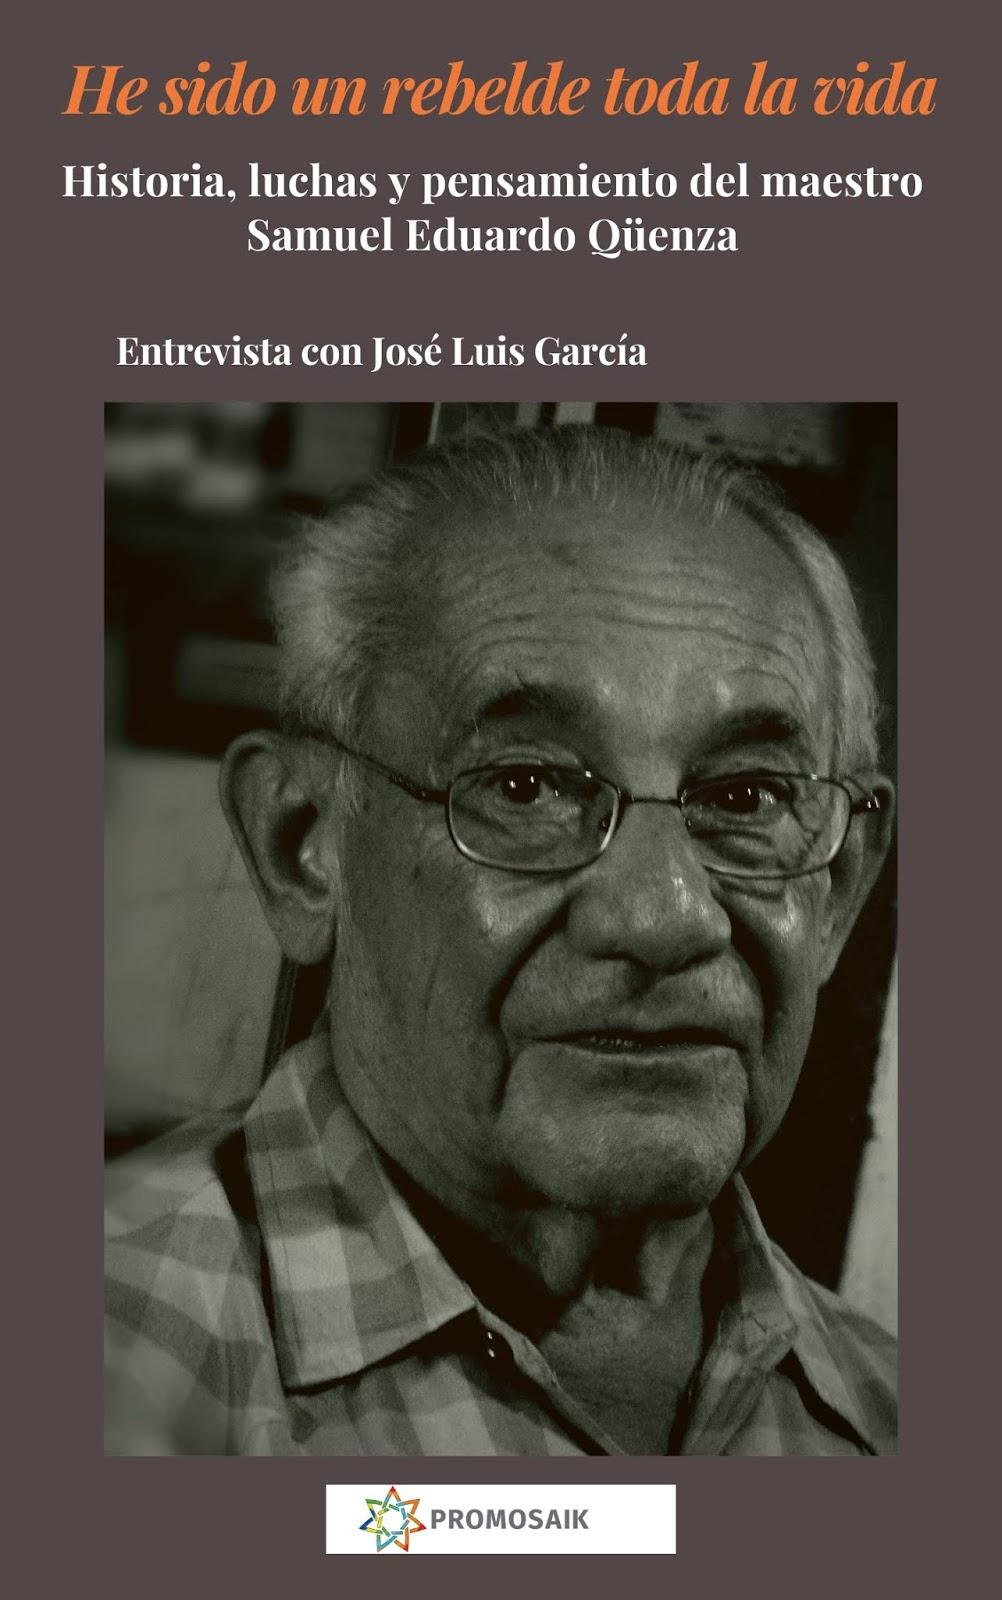 Entrevista al profesor José Luis García por la reciente publicación de su libro: 'He sido un rebelde toda la vida (Historia, luchas y pensamiento del maestro Samuel Eduardo Qüenza)'